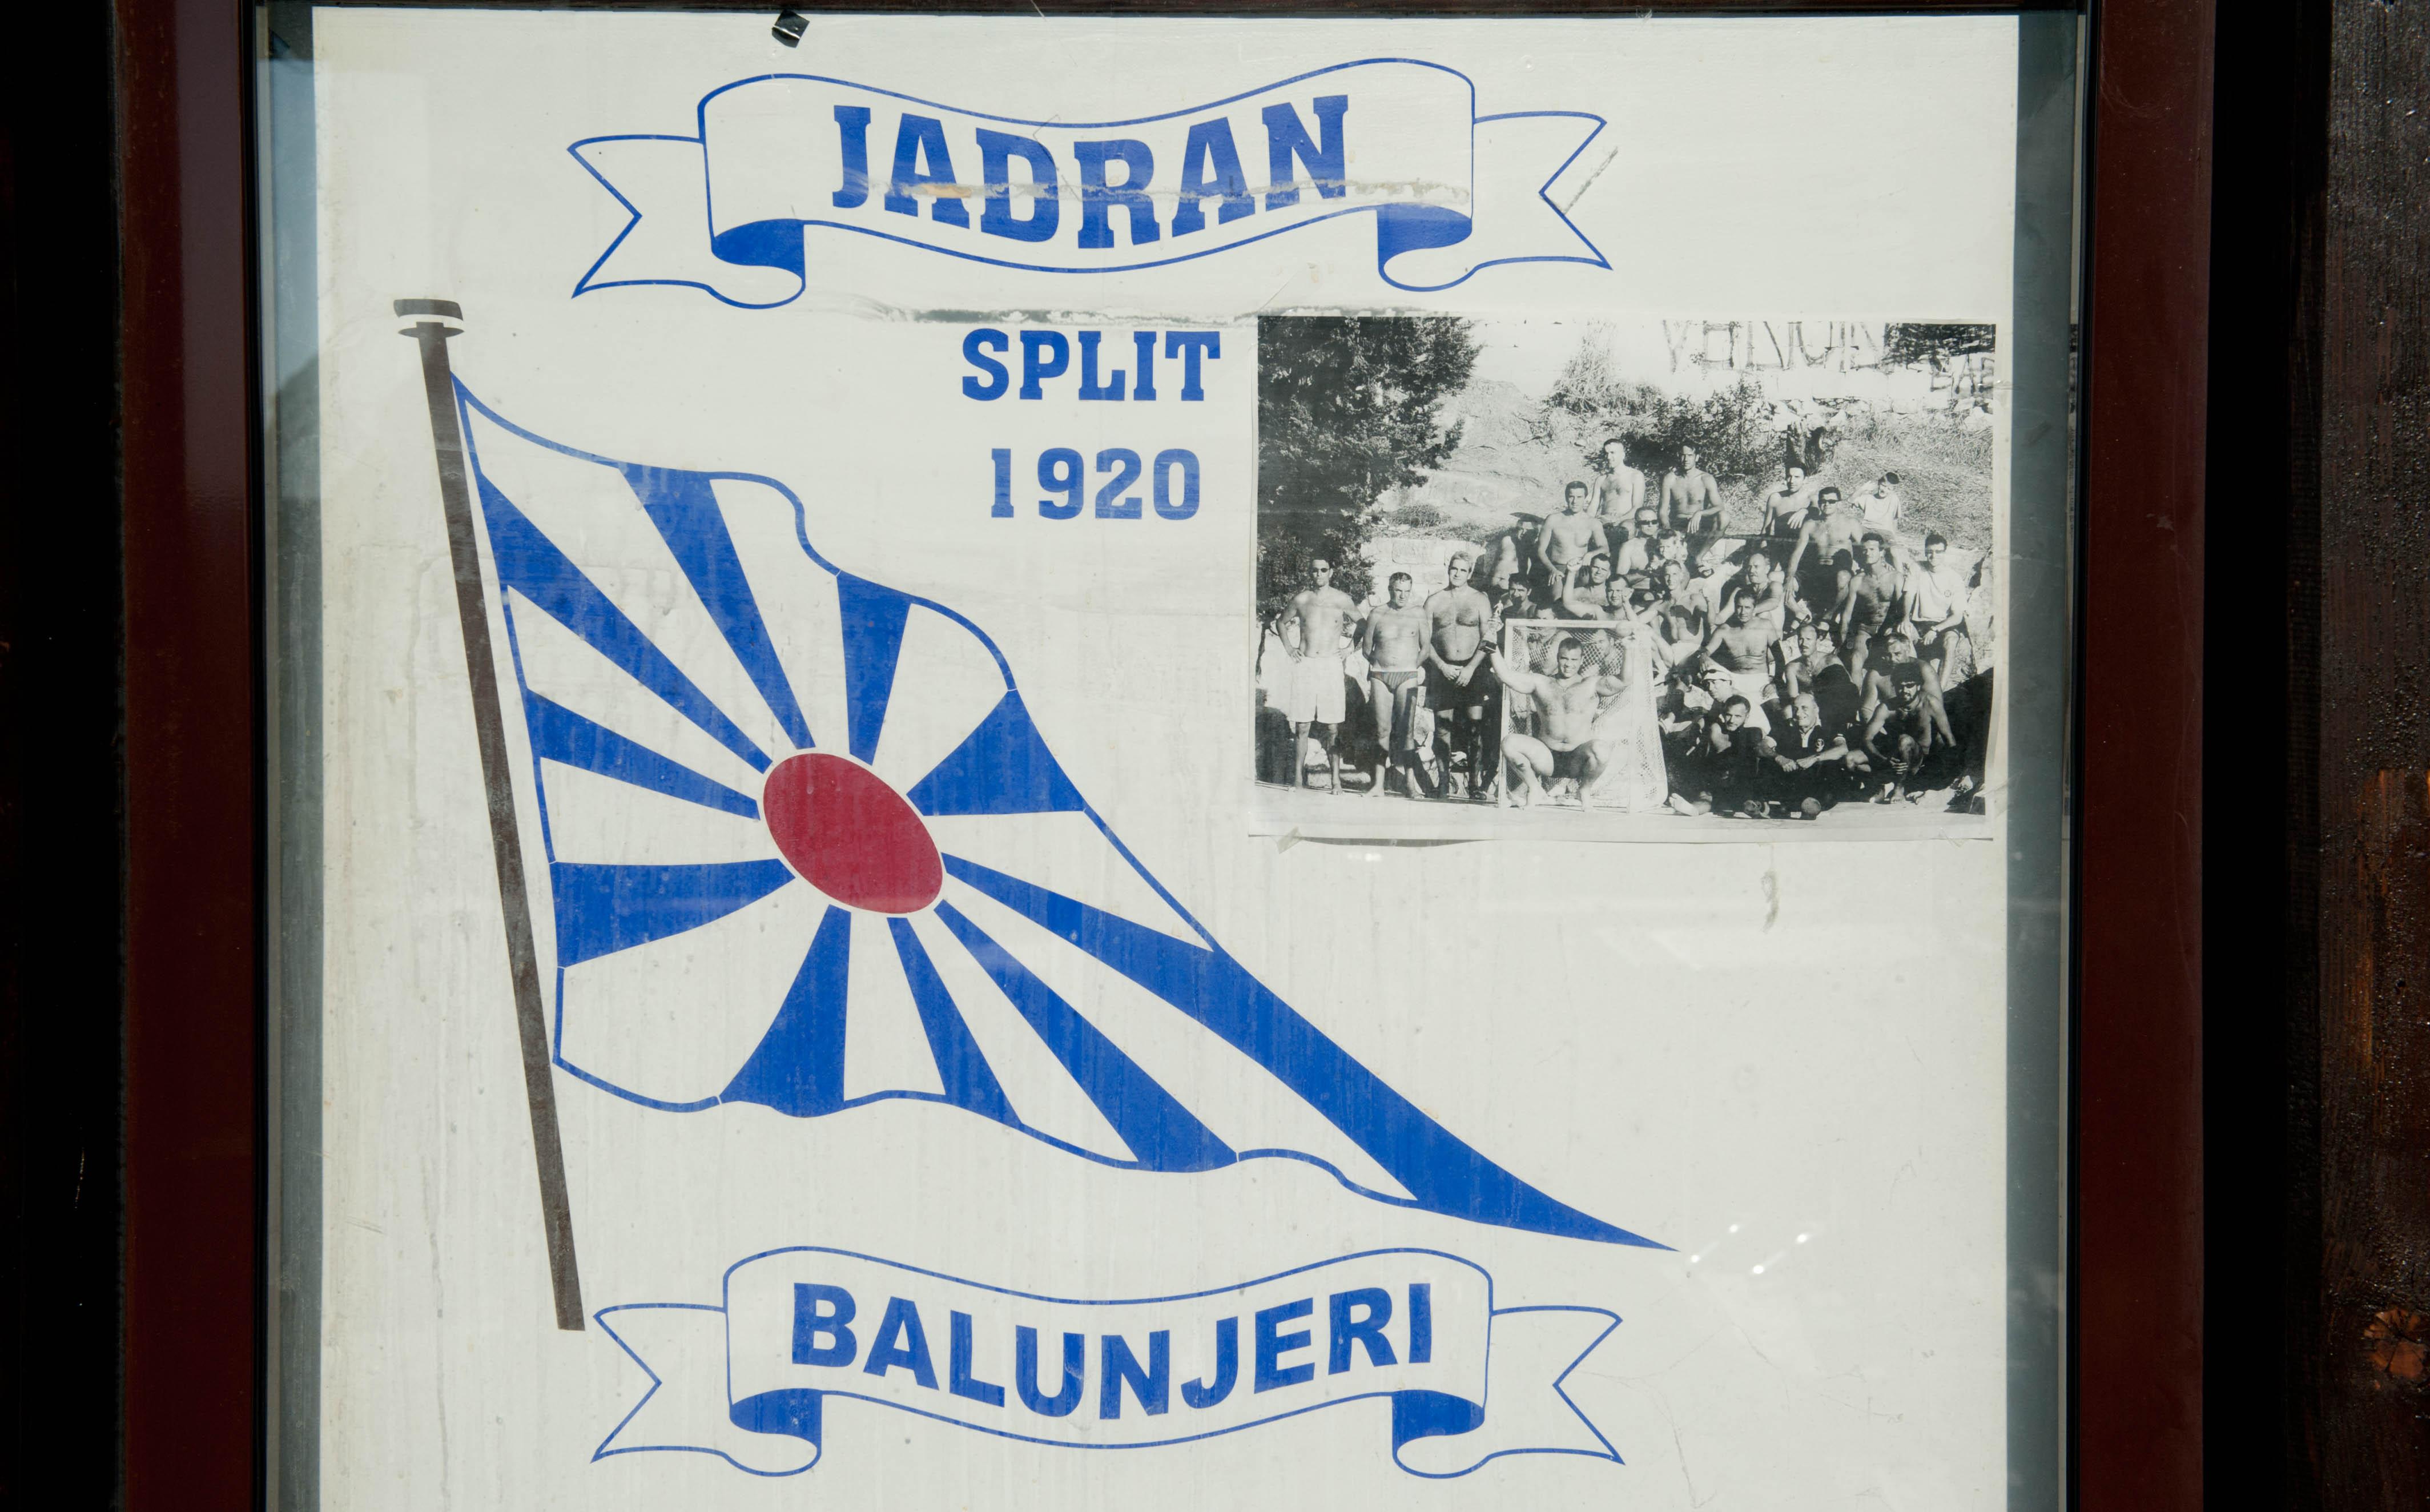 0361-Split - Jadran Balunjeri club house (Dalmatie centrale)